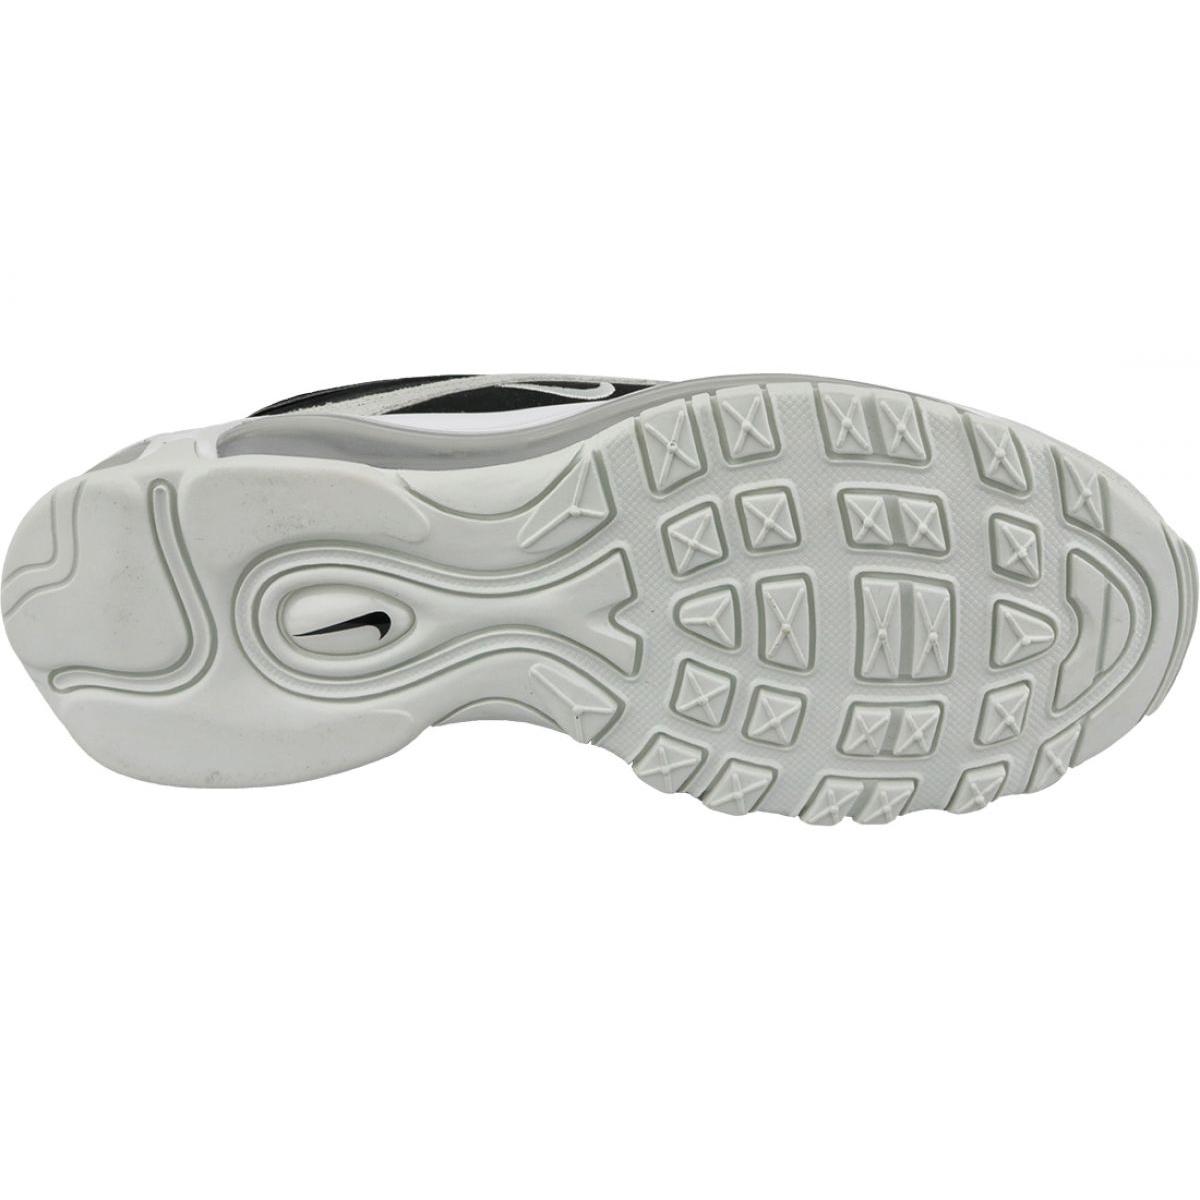 Nike Damen Damen Damen W Air Max 97 Leichtathletikschuhe